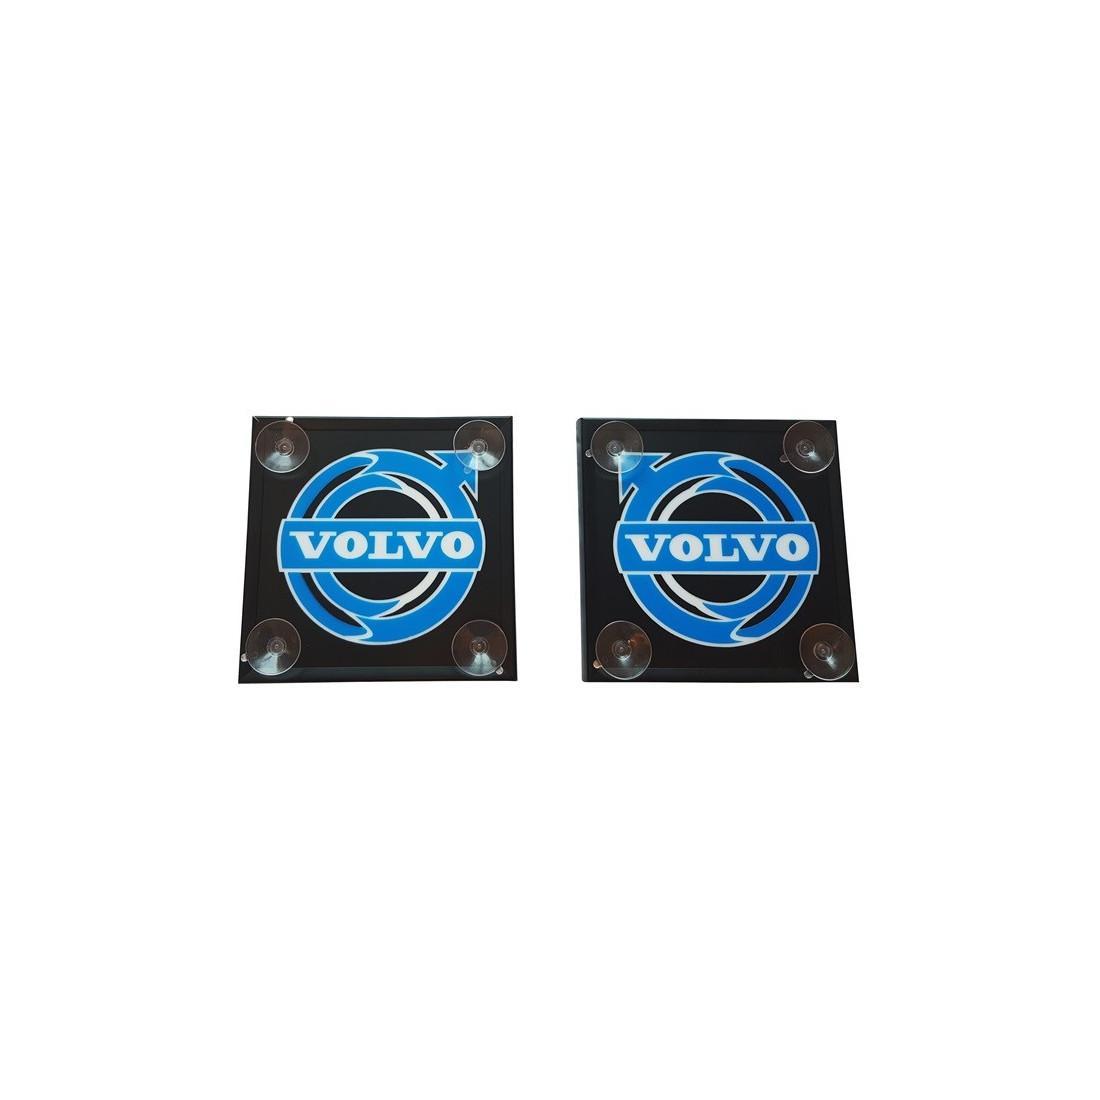 VOLVO Light box (boxes) LED 15x15